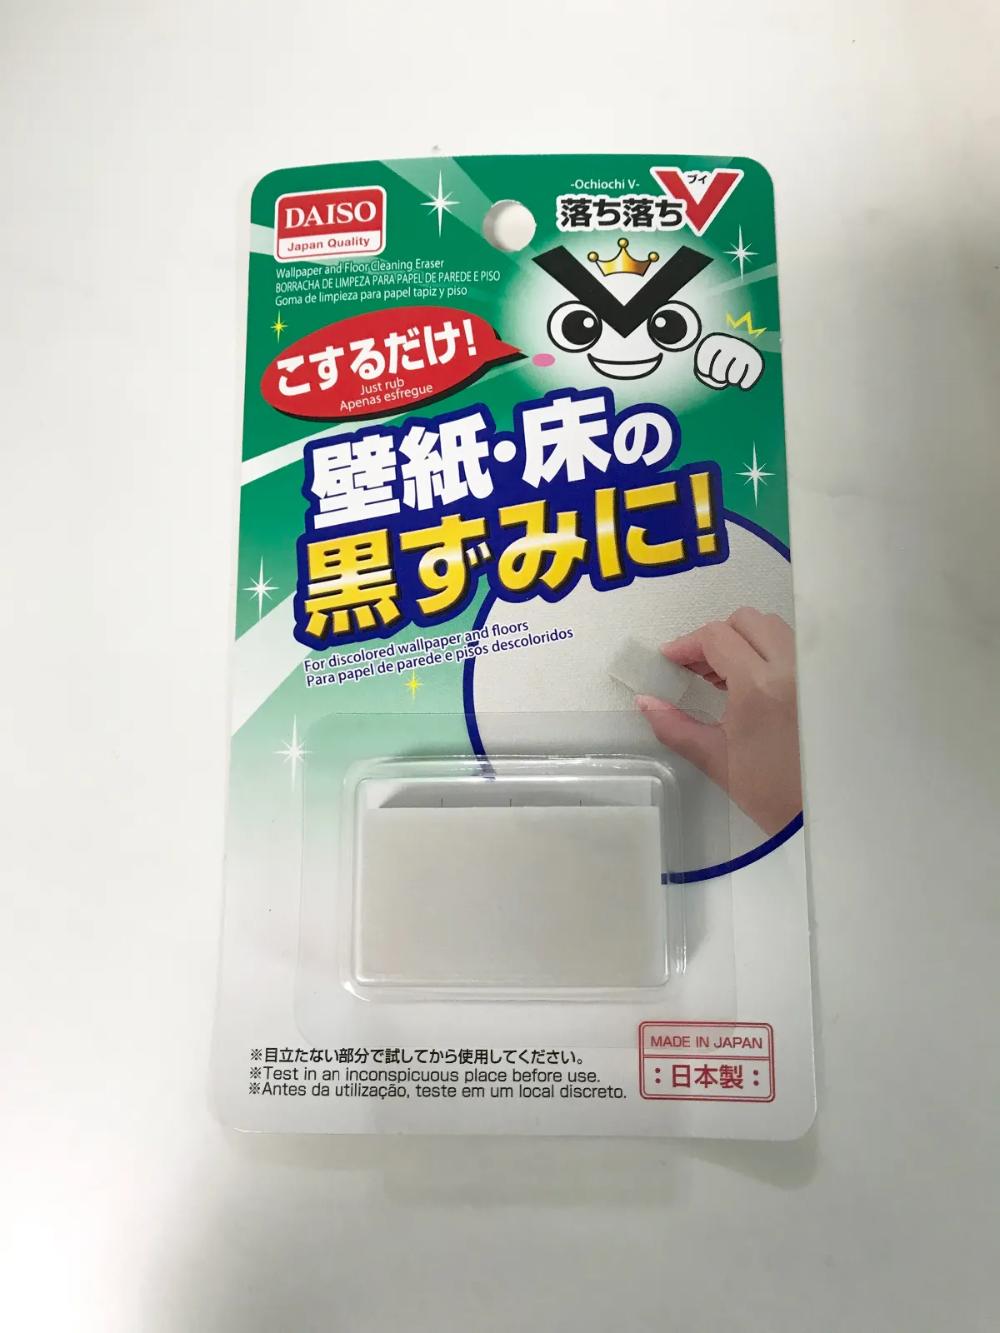 ダイソー のお掃除消しゴムが便利すぎる 壁紙や床の汚れをこ 床の汚れ 掃除 お掃除